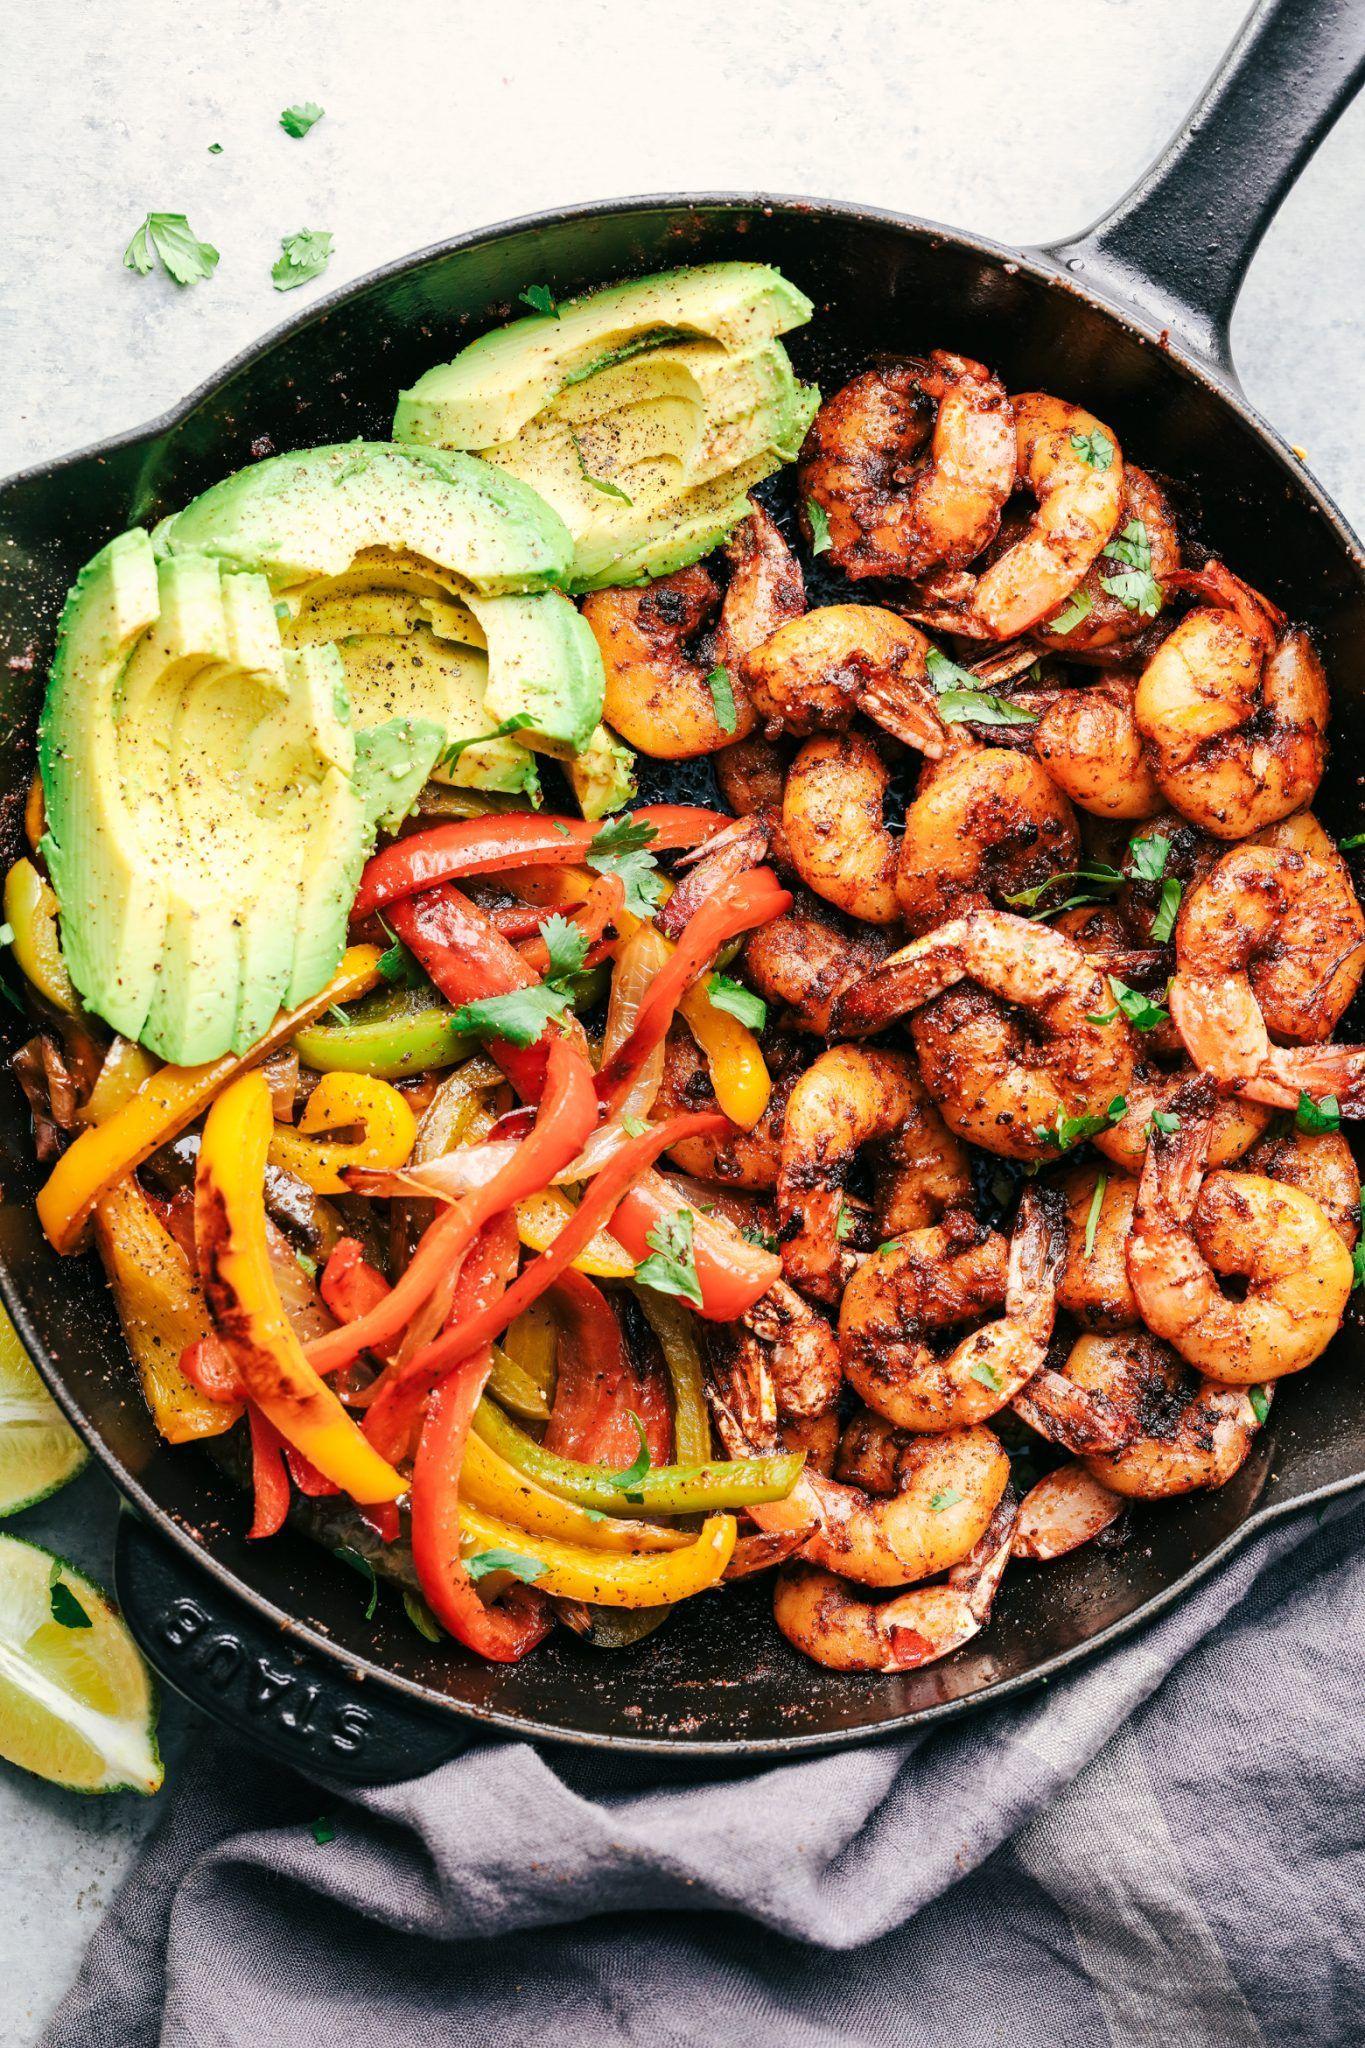 Photo of 20 Minuten Pfanne Geschwärzte Shrimps Fajitas  #fajitas #geschwarzte #minuten #pfanne #shrimps #recipesforshrimp